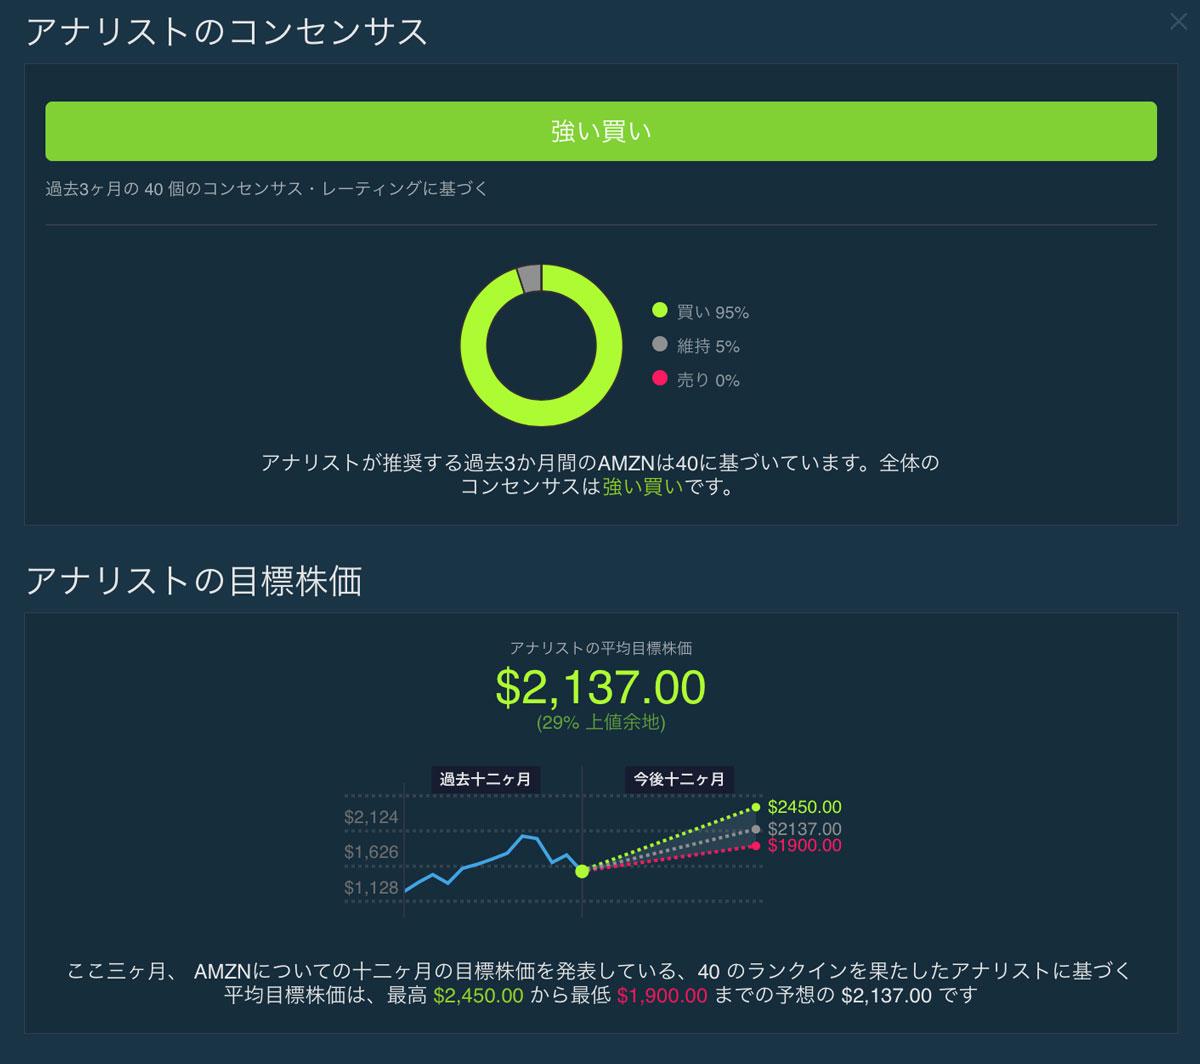 「アナリストの評価や目標株価」画面